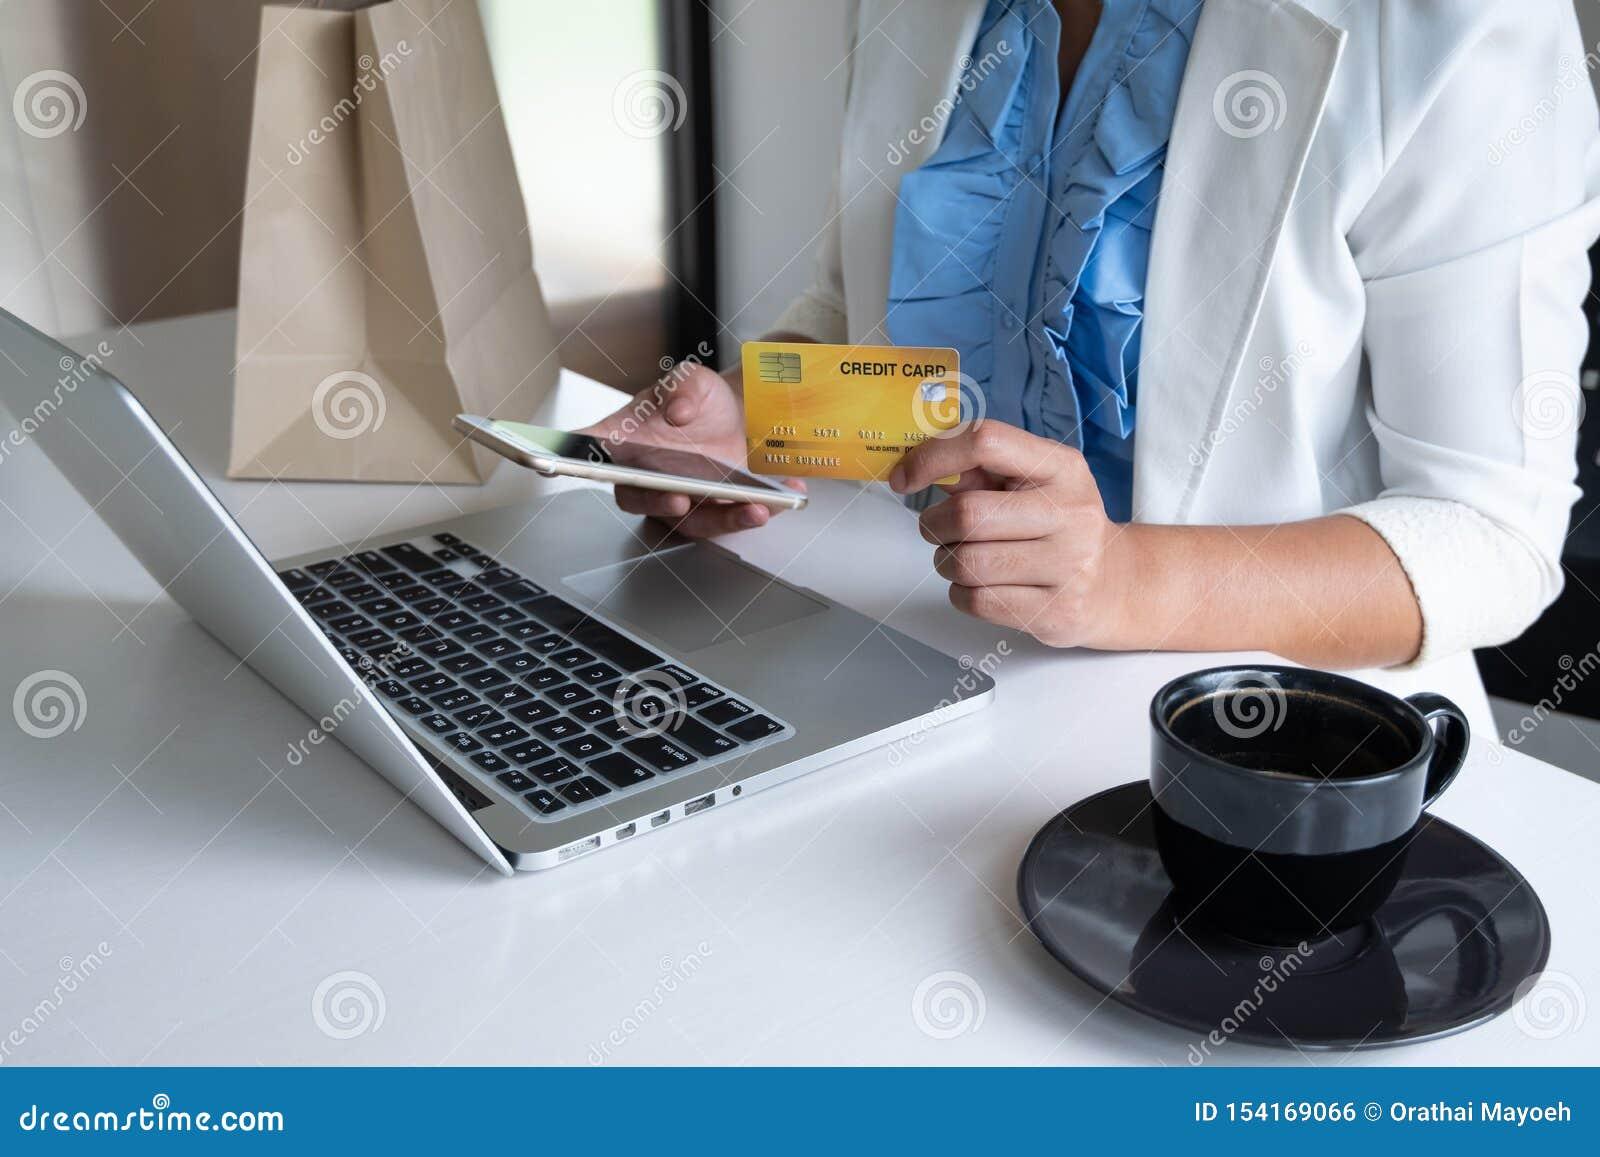 Kobieta używa kartę kredytową dla online zakupy na jej telefonie i laptopie